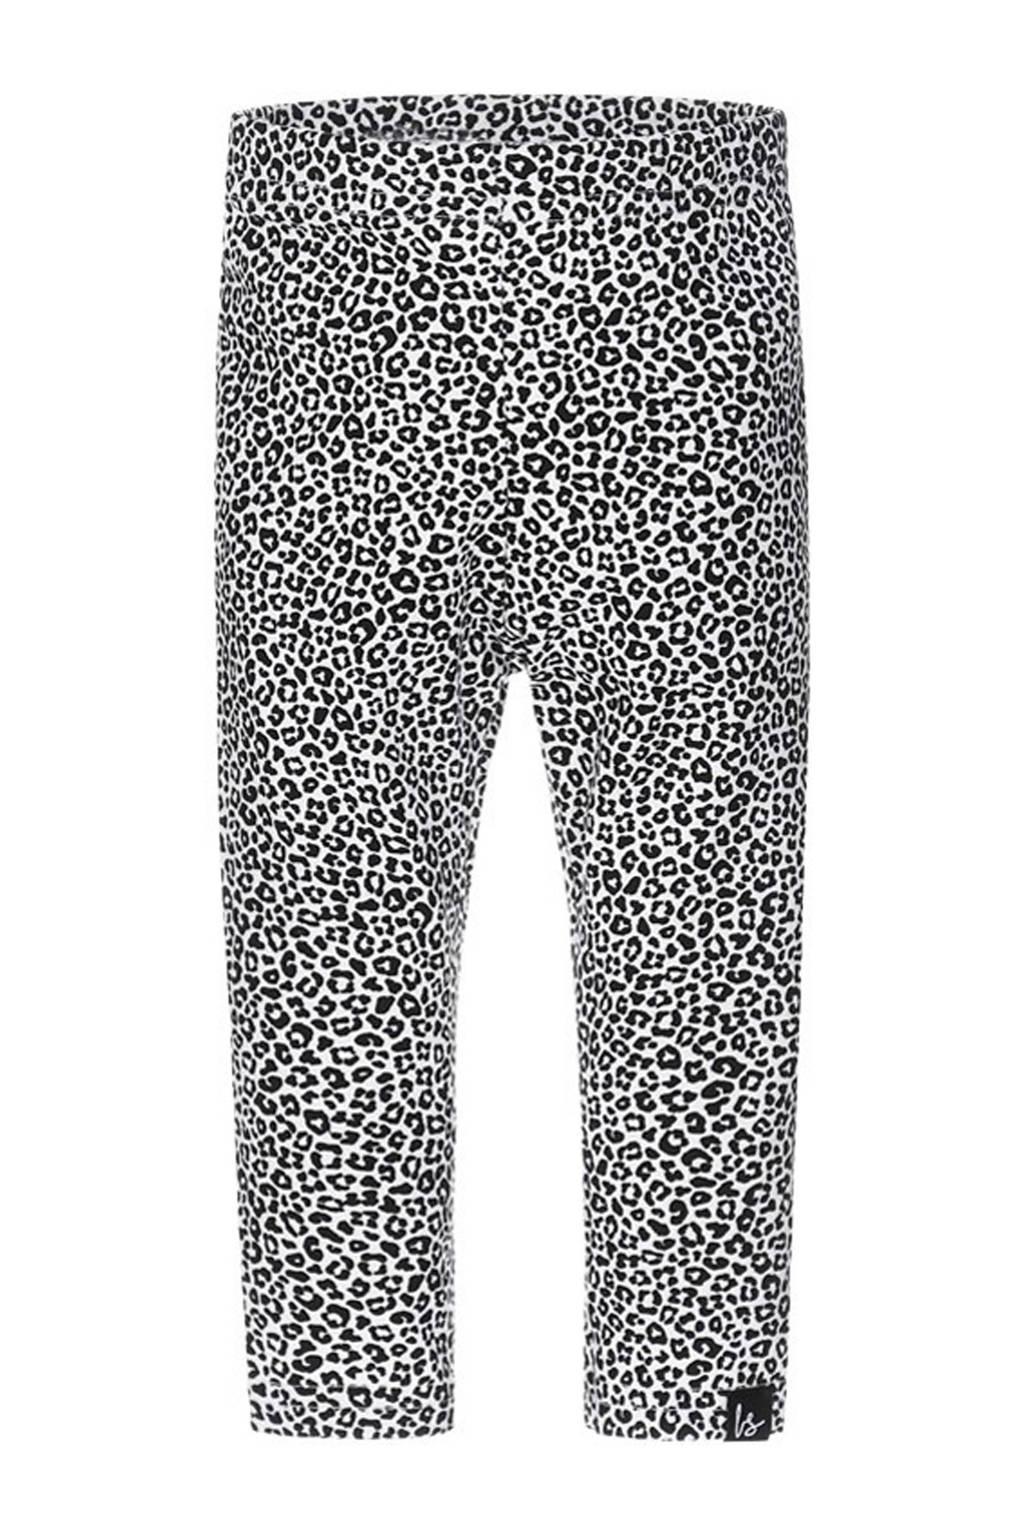 Babystyling legging met dierenprint zwart/wit, Zwart/wit